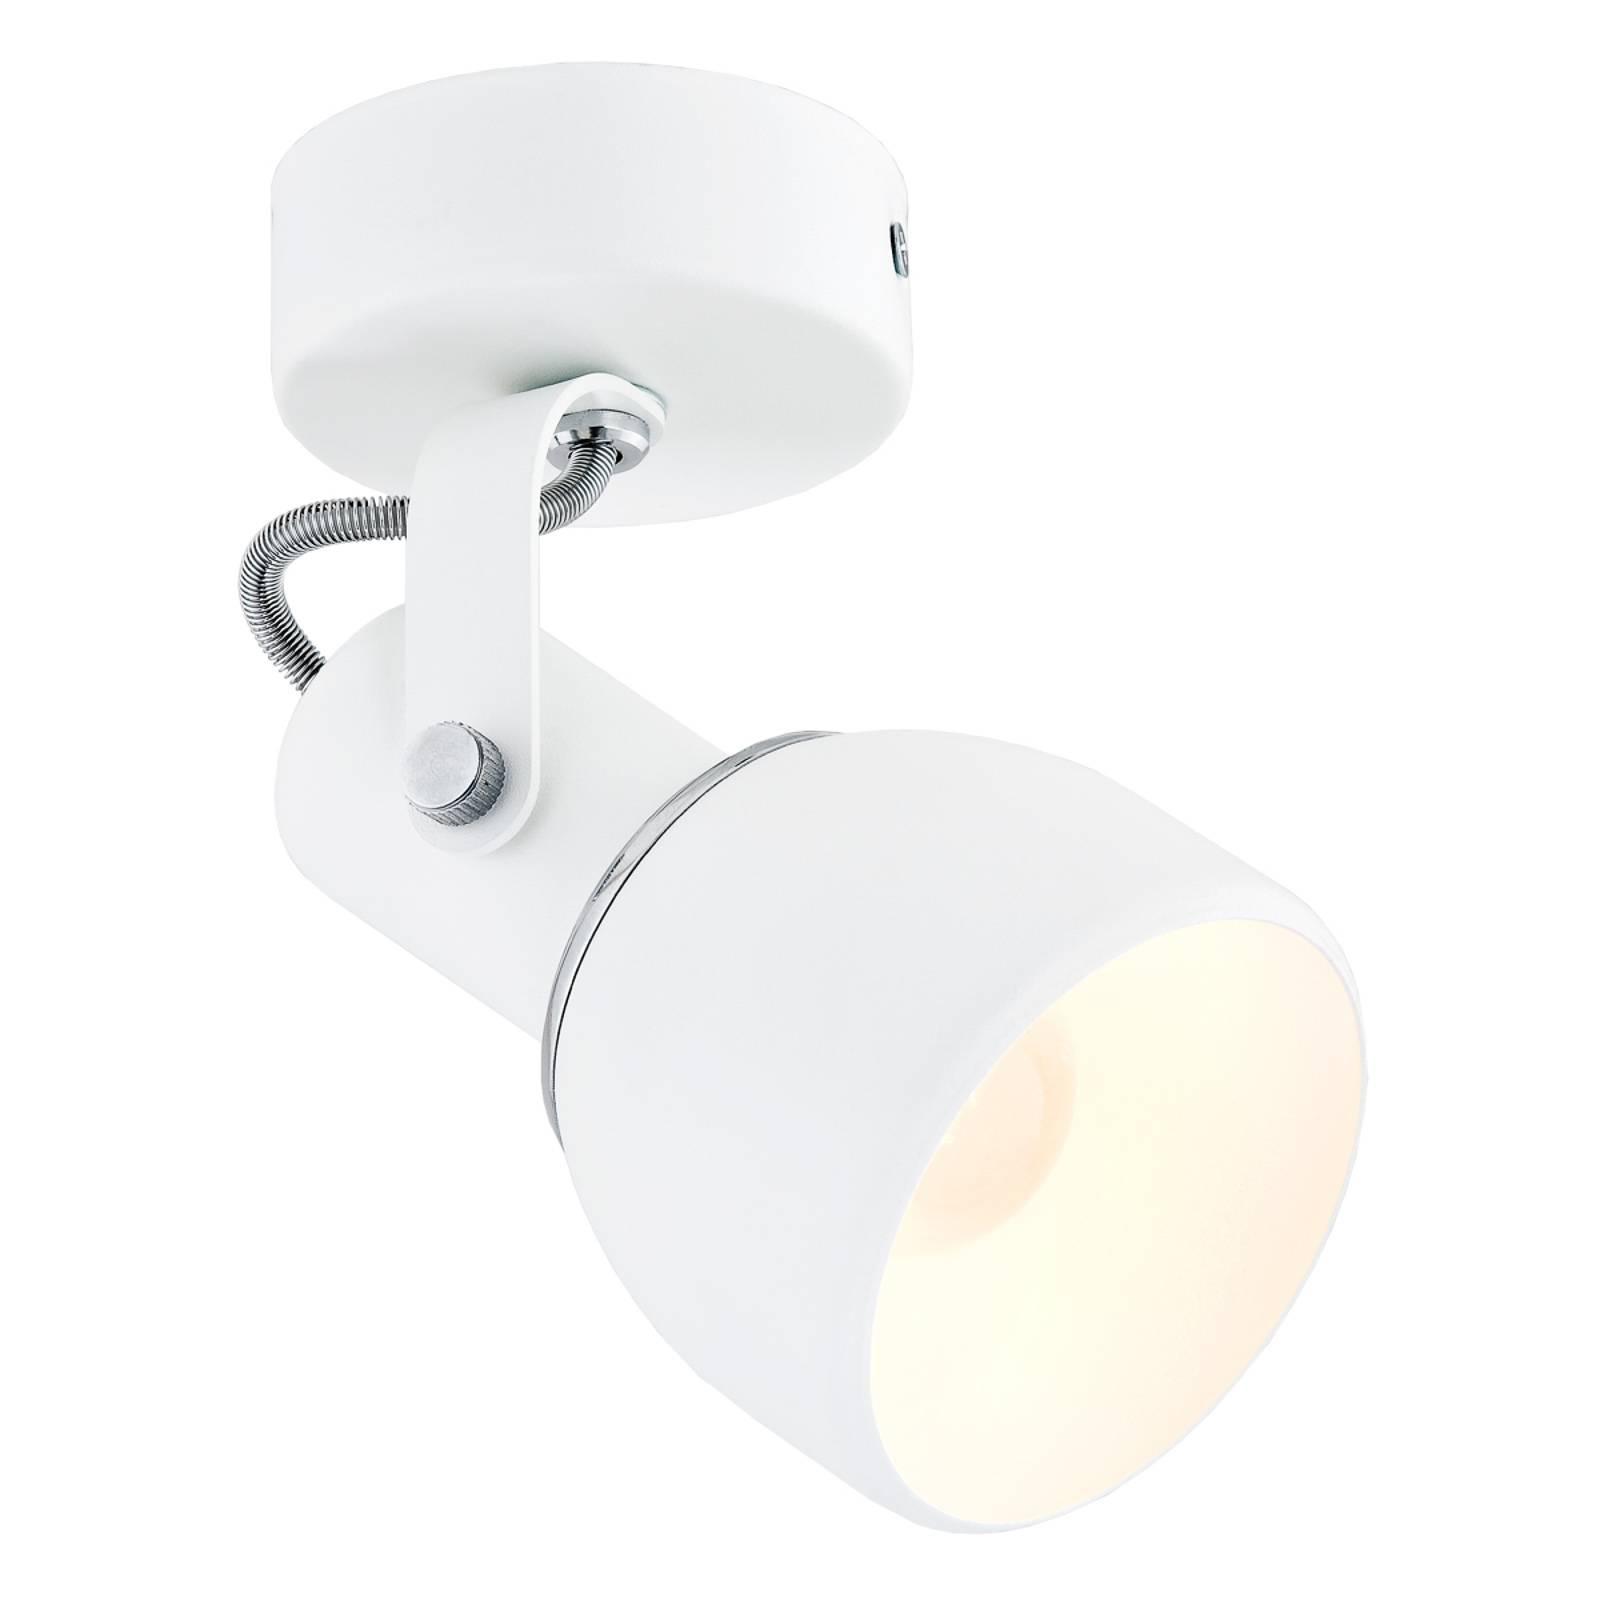 Kattokohdevalo Fiord, 1-lamppuinen, valkoinen